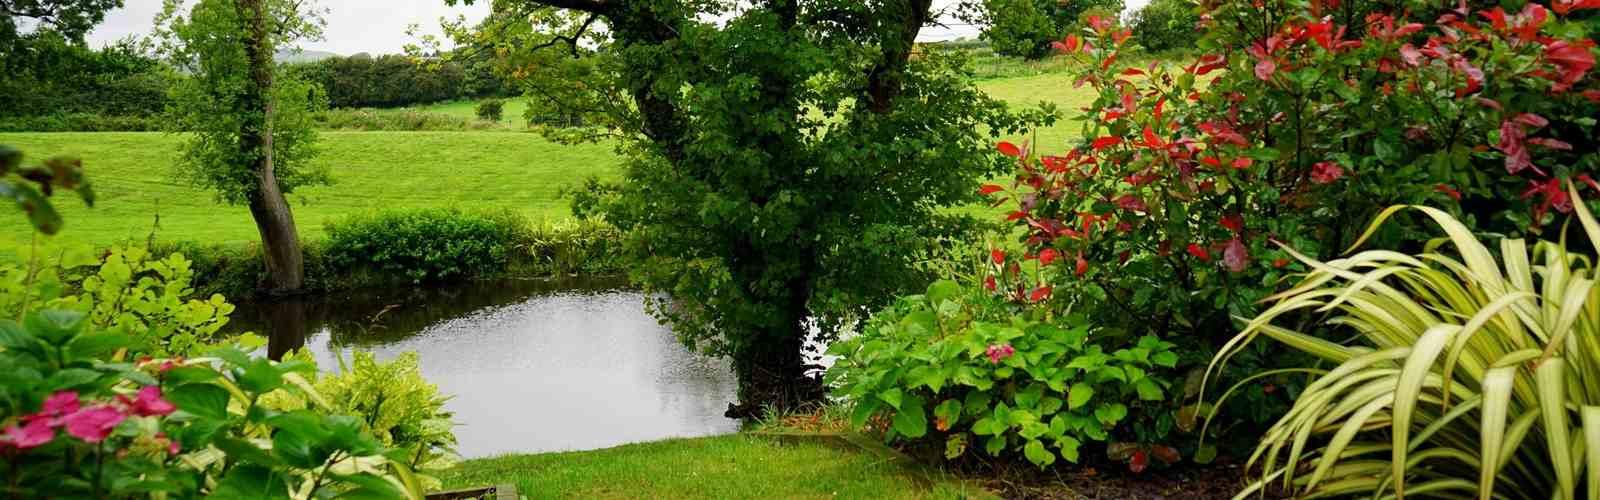 Wie wäre es mit einem Naturpool oder Teich ?